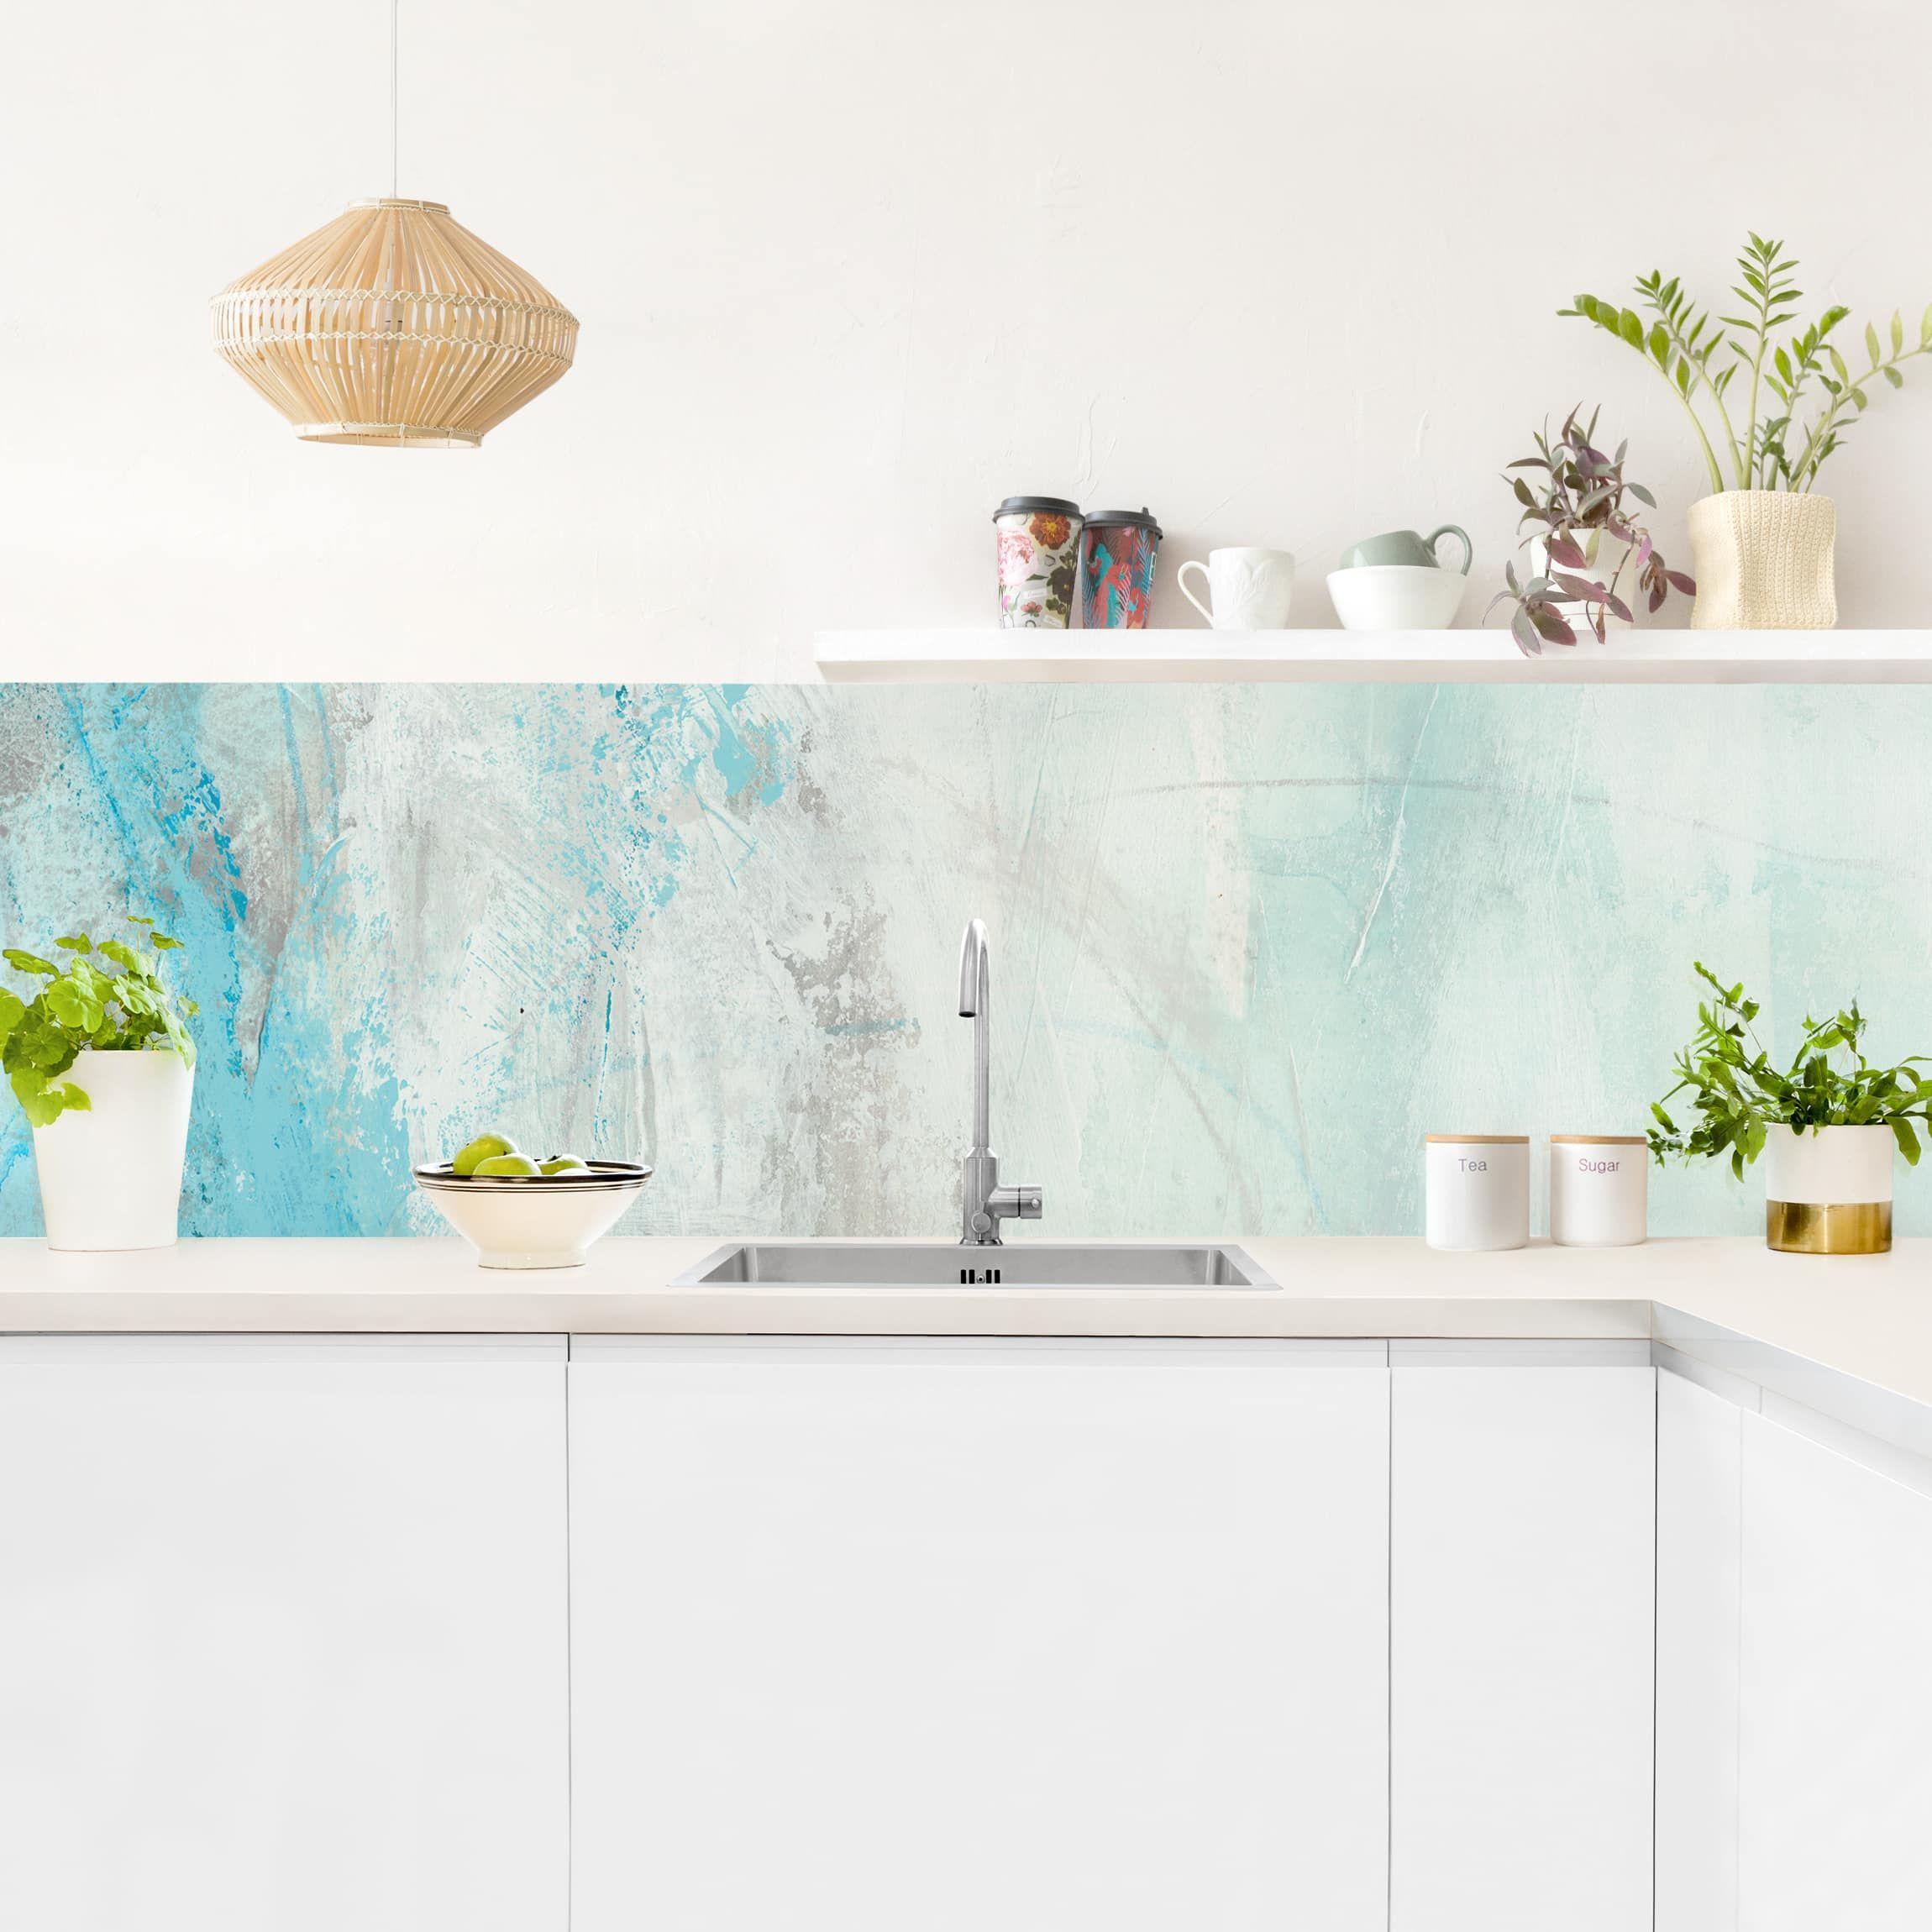 Rivestimento cucina - Mare ghiacciato | Collezioni ...